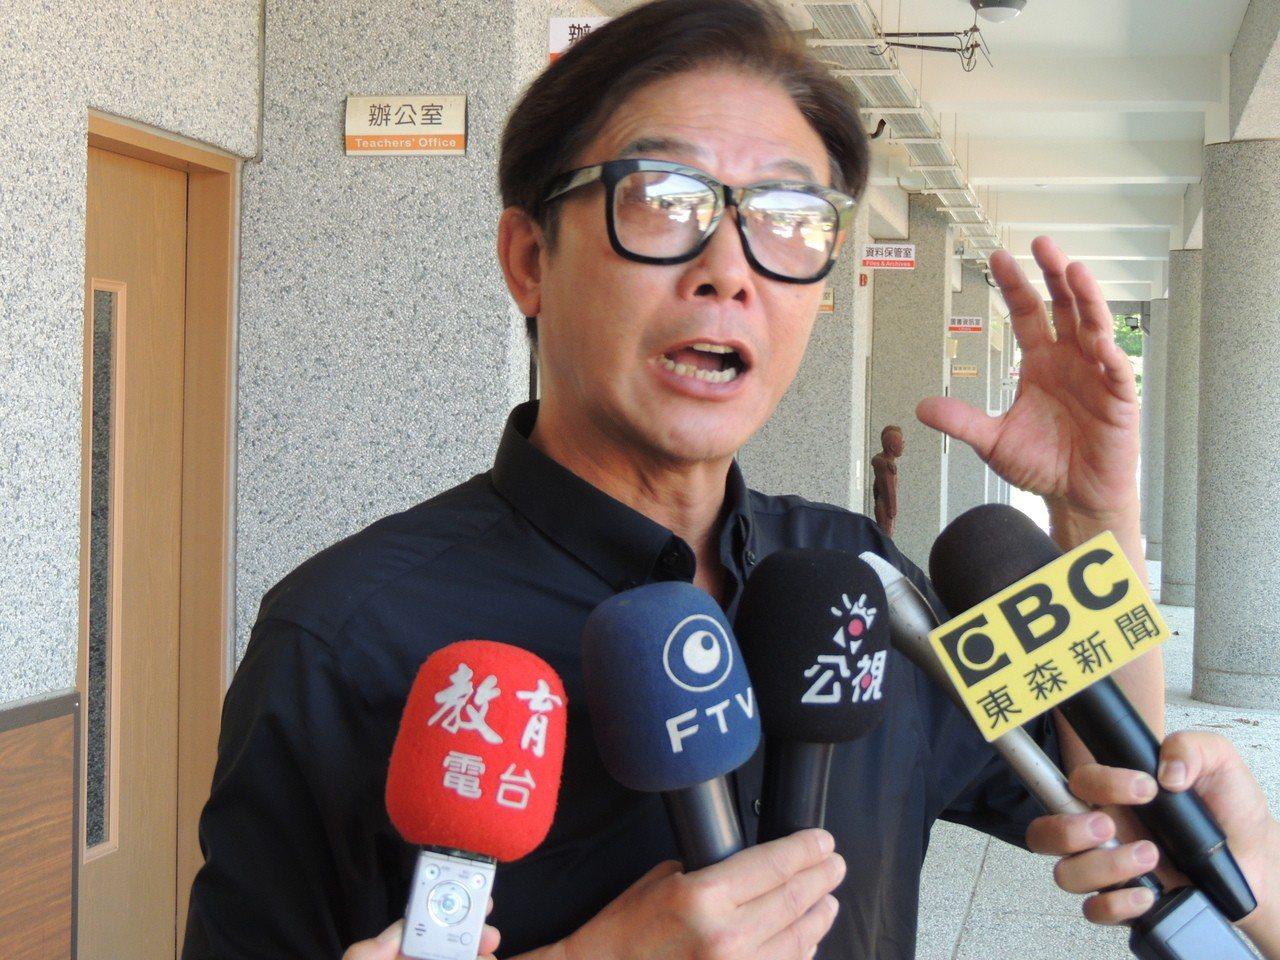 港星錢小豪專程從香港台灣,今天上午趕到台東送陳爸最後一程。記者羅紹平/攝影